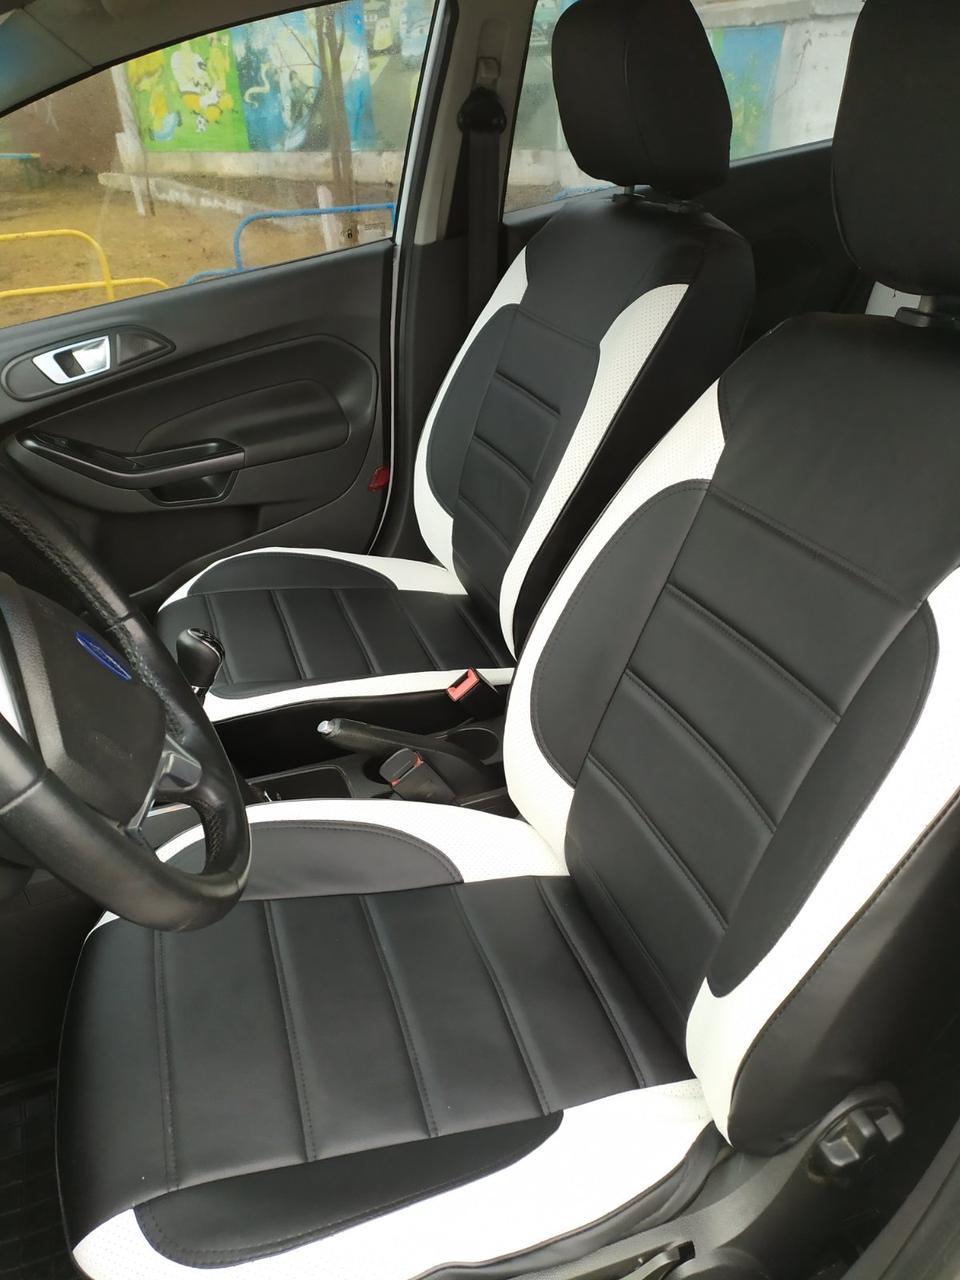 Чохли на сидіння КІА Сід (KIA Ceed) (модельні, MAX-L, окремий підголовник) Чорно-білий